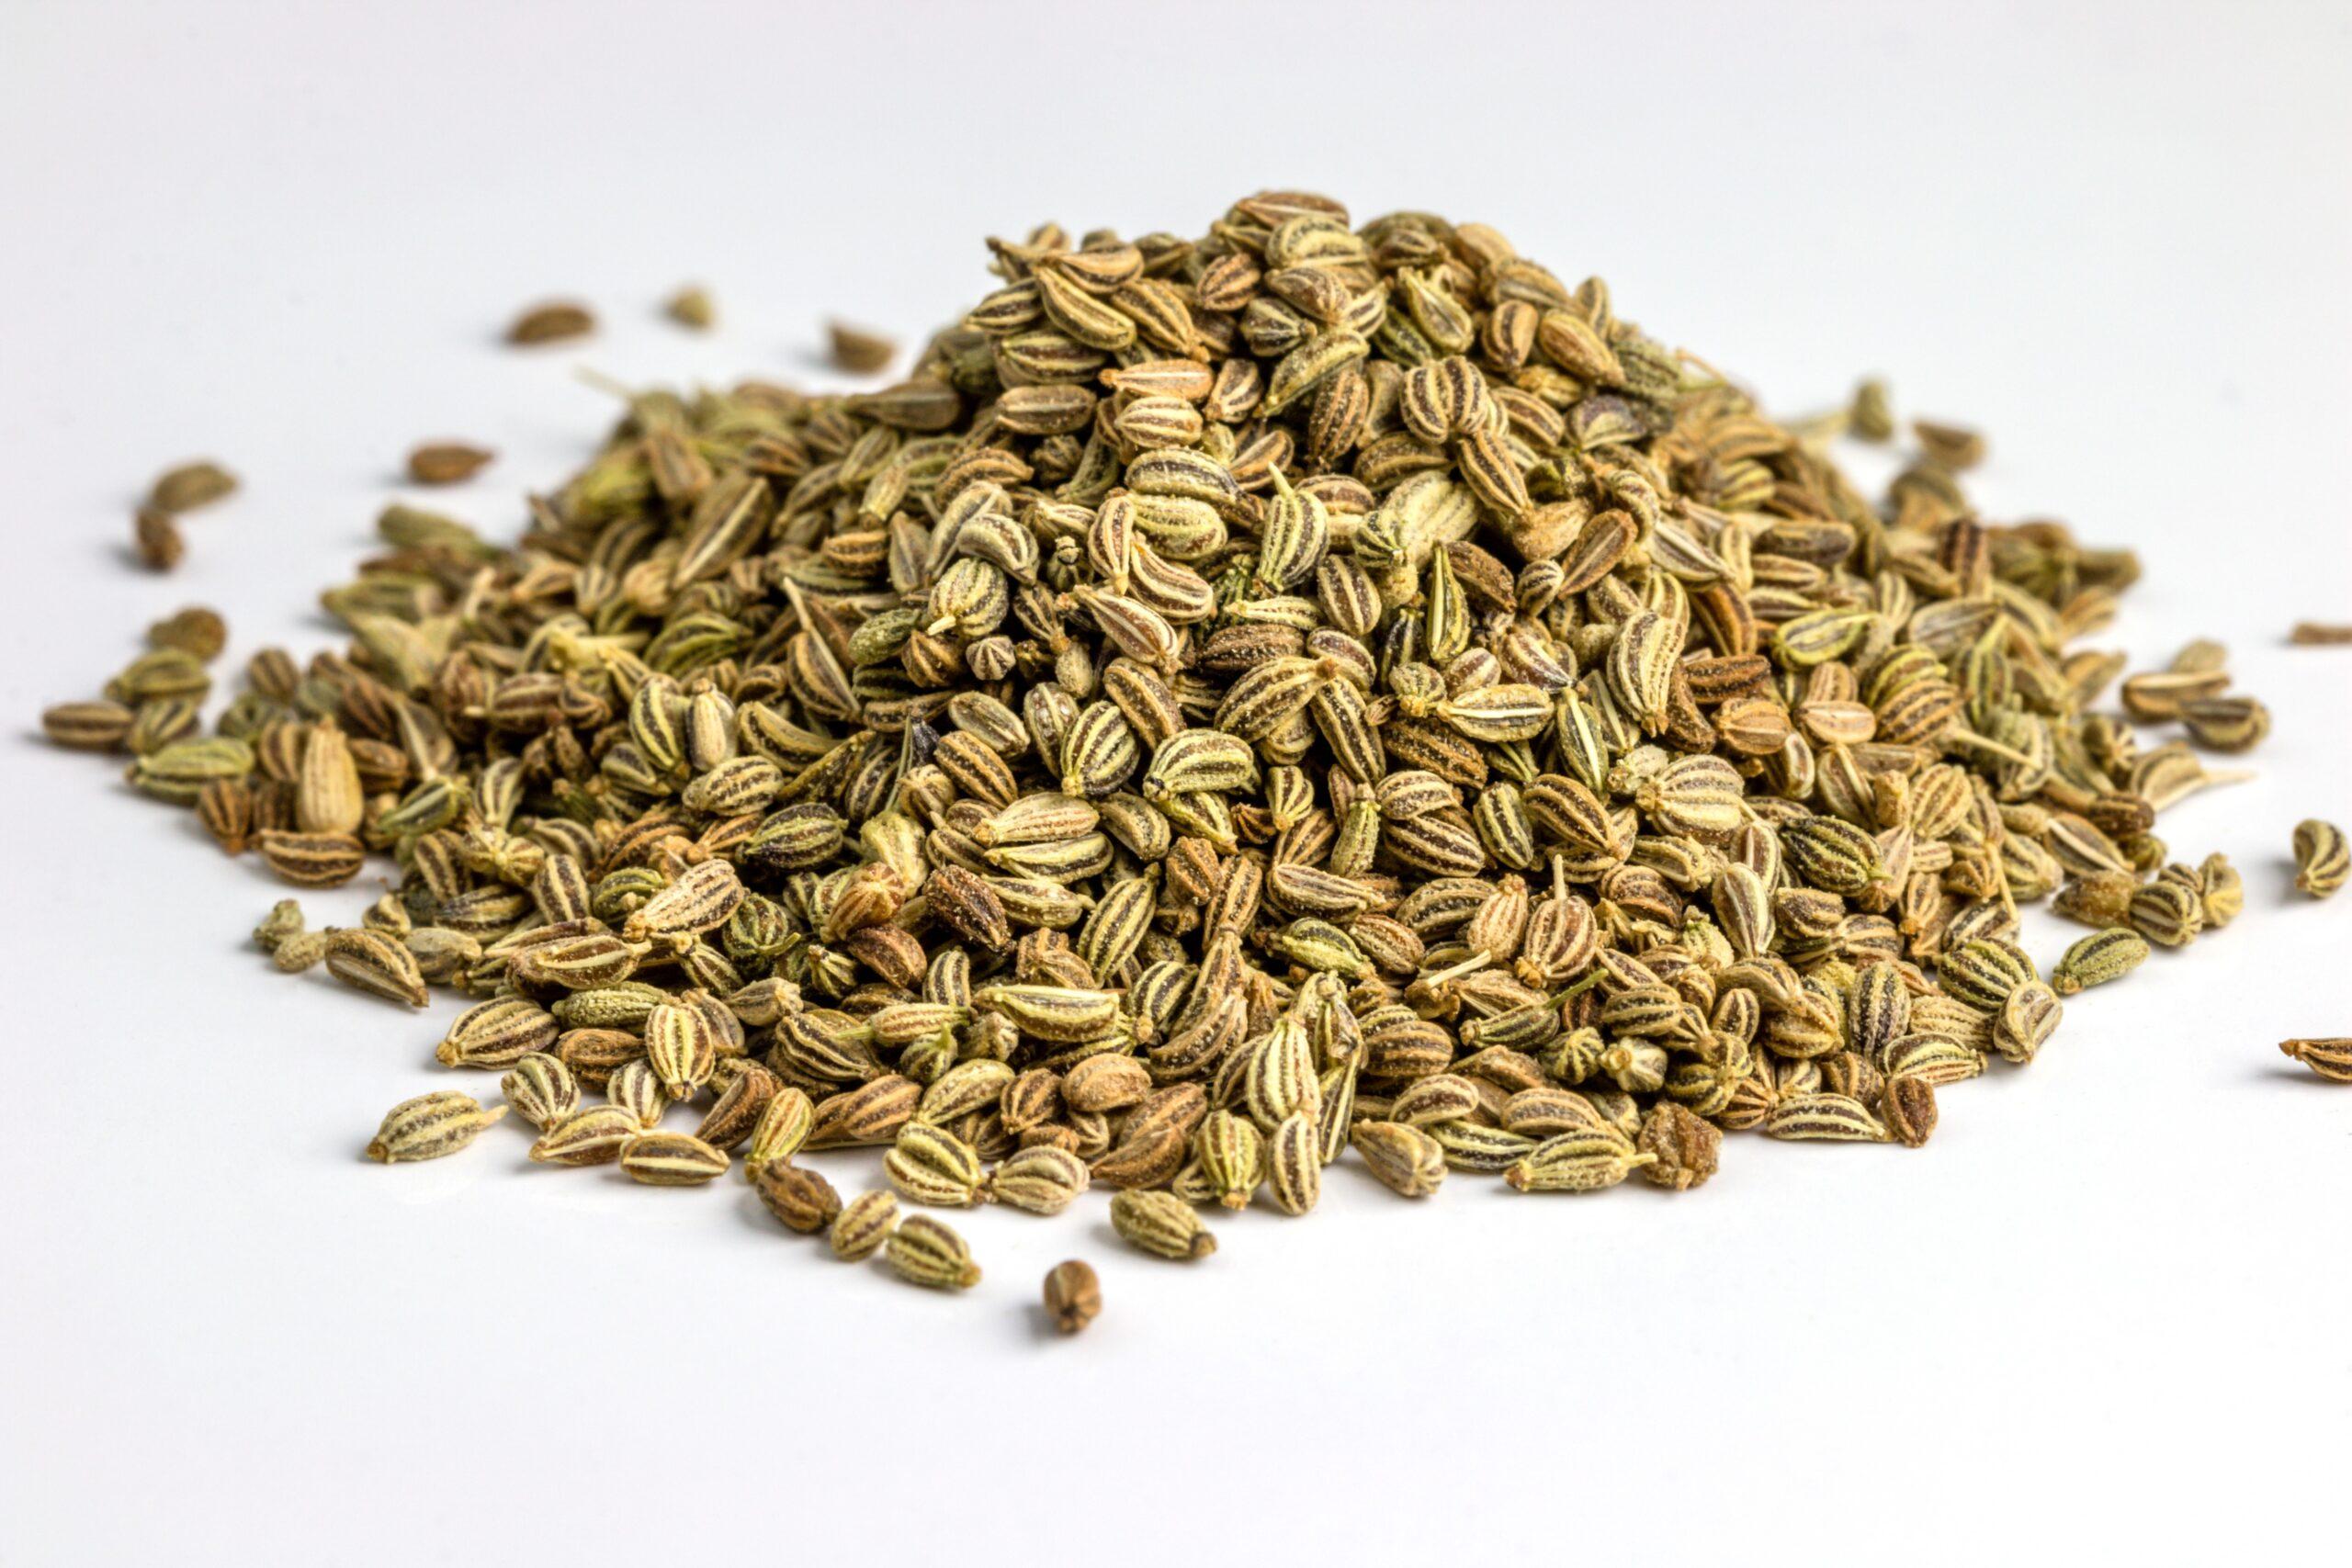 Esenciální olej Ajowan (Koptský kmín) - průvodce Byliny&Tradice